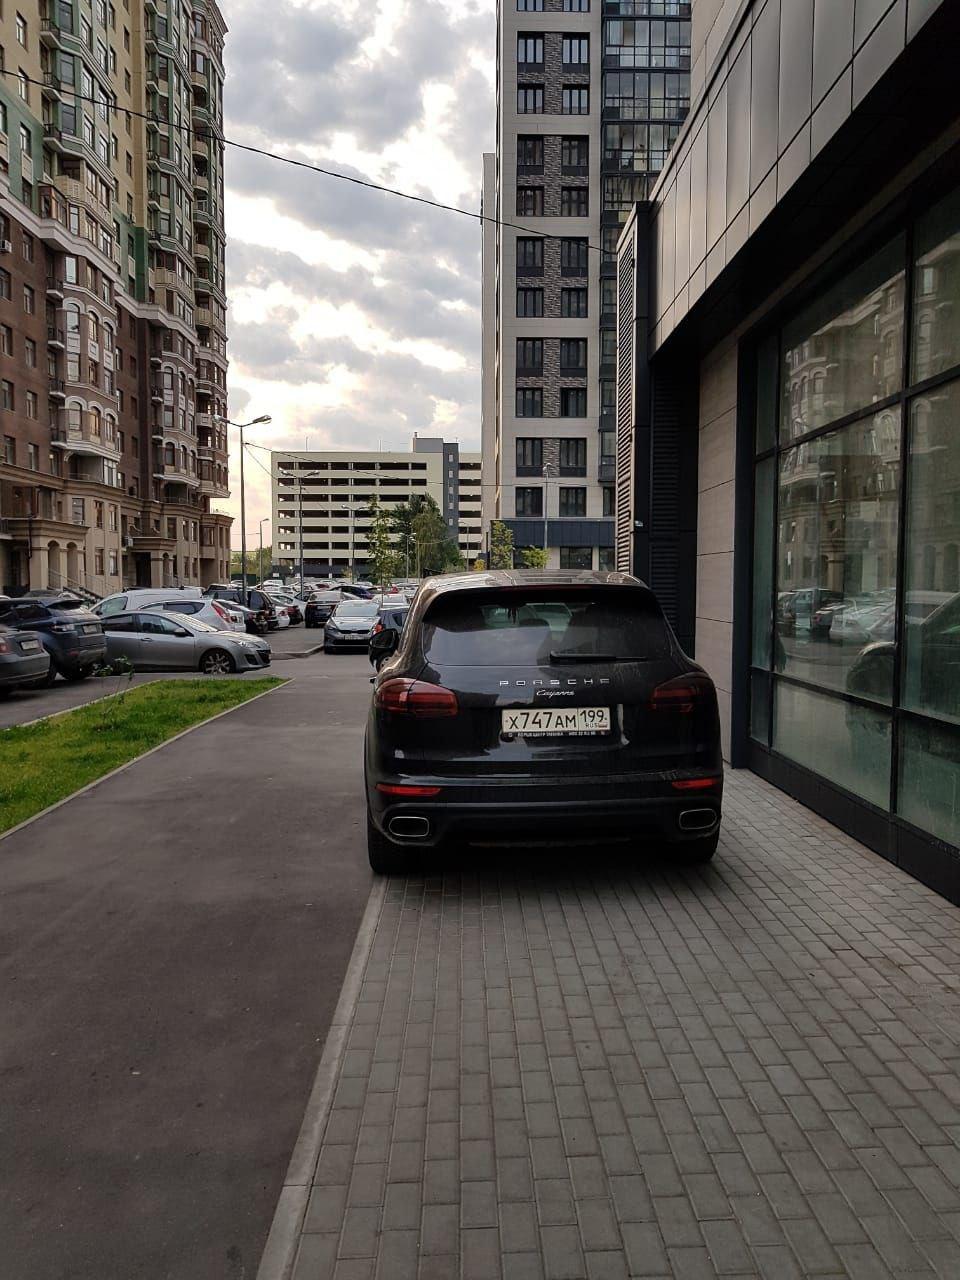 Сосед парковался только на тротуаре. Никакие разговоры не помогали. Тогда ему объяснили по-другому